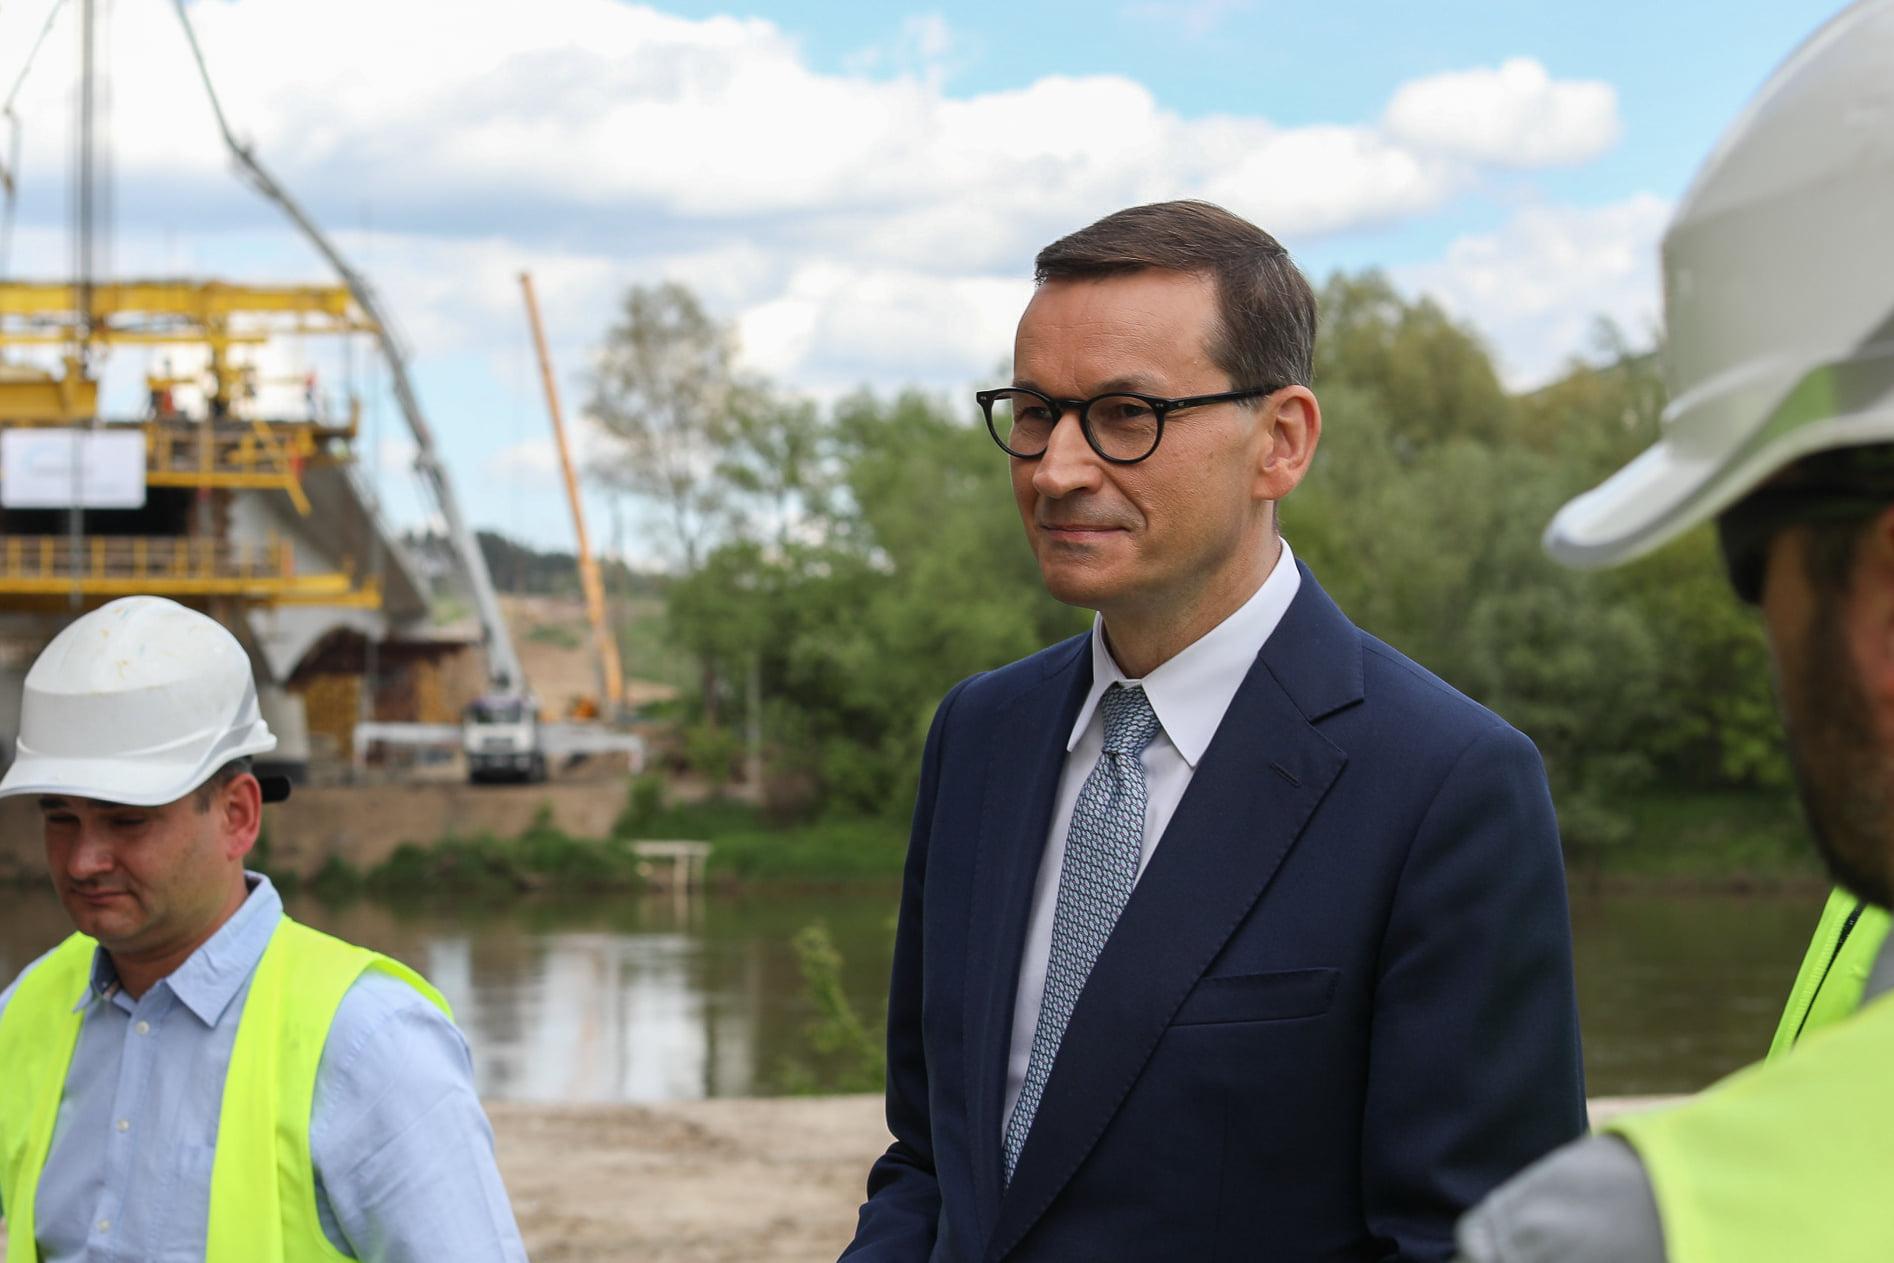 """Premier: """"Ci wszyscy bogaci gdzieś mieszkają. Korzystają z naszych dróg i szkół, ale nie płacą wystarczająco"""""""